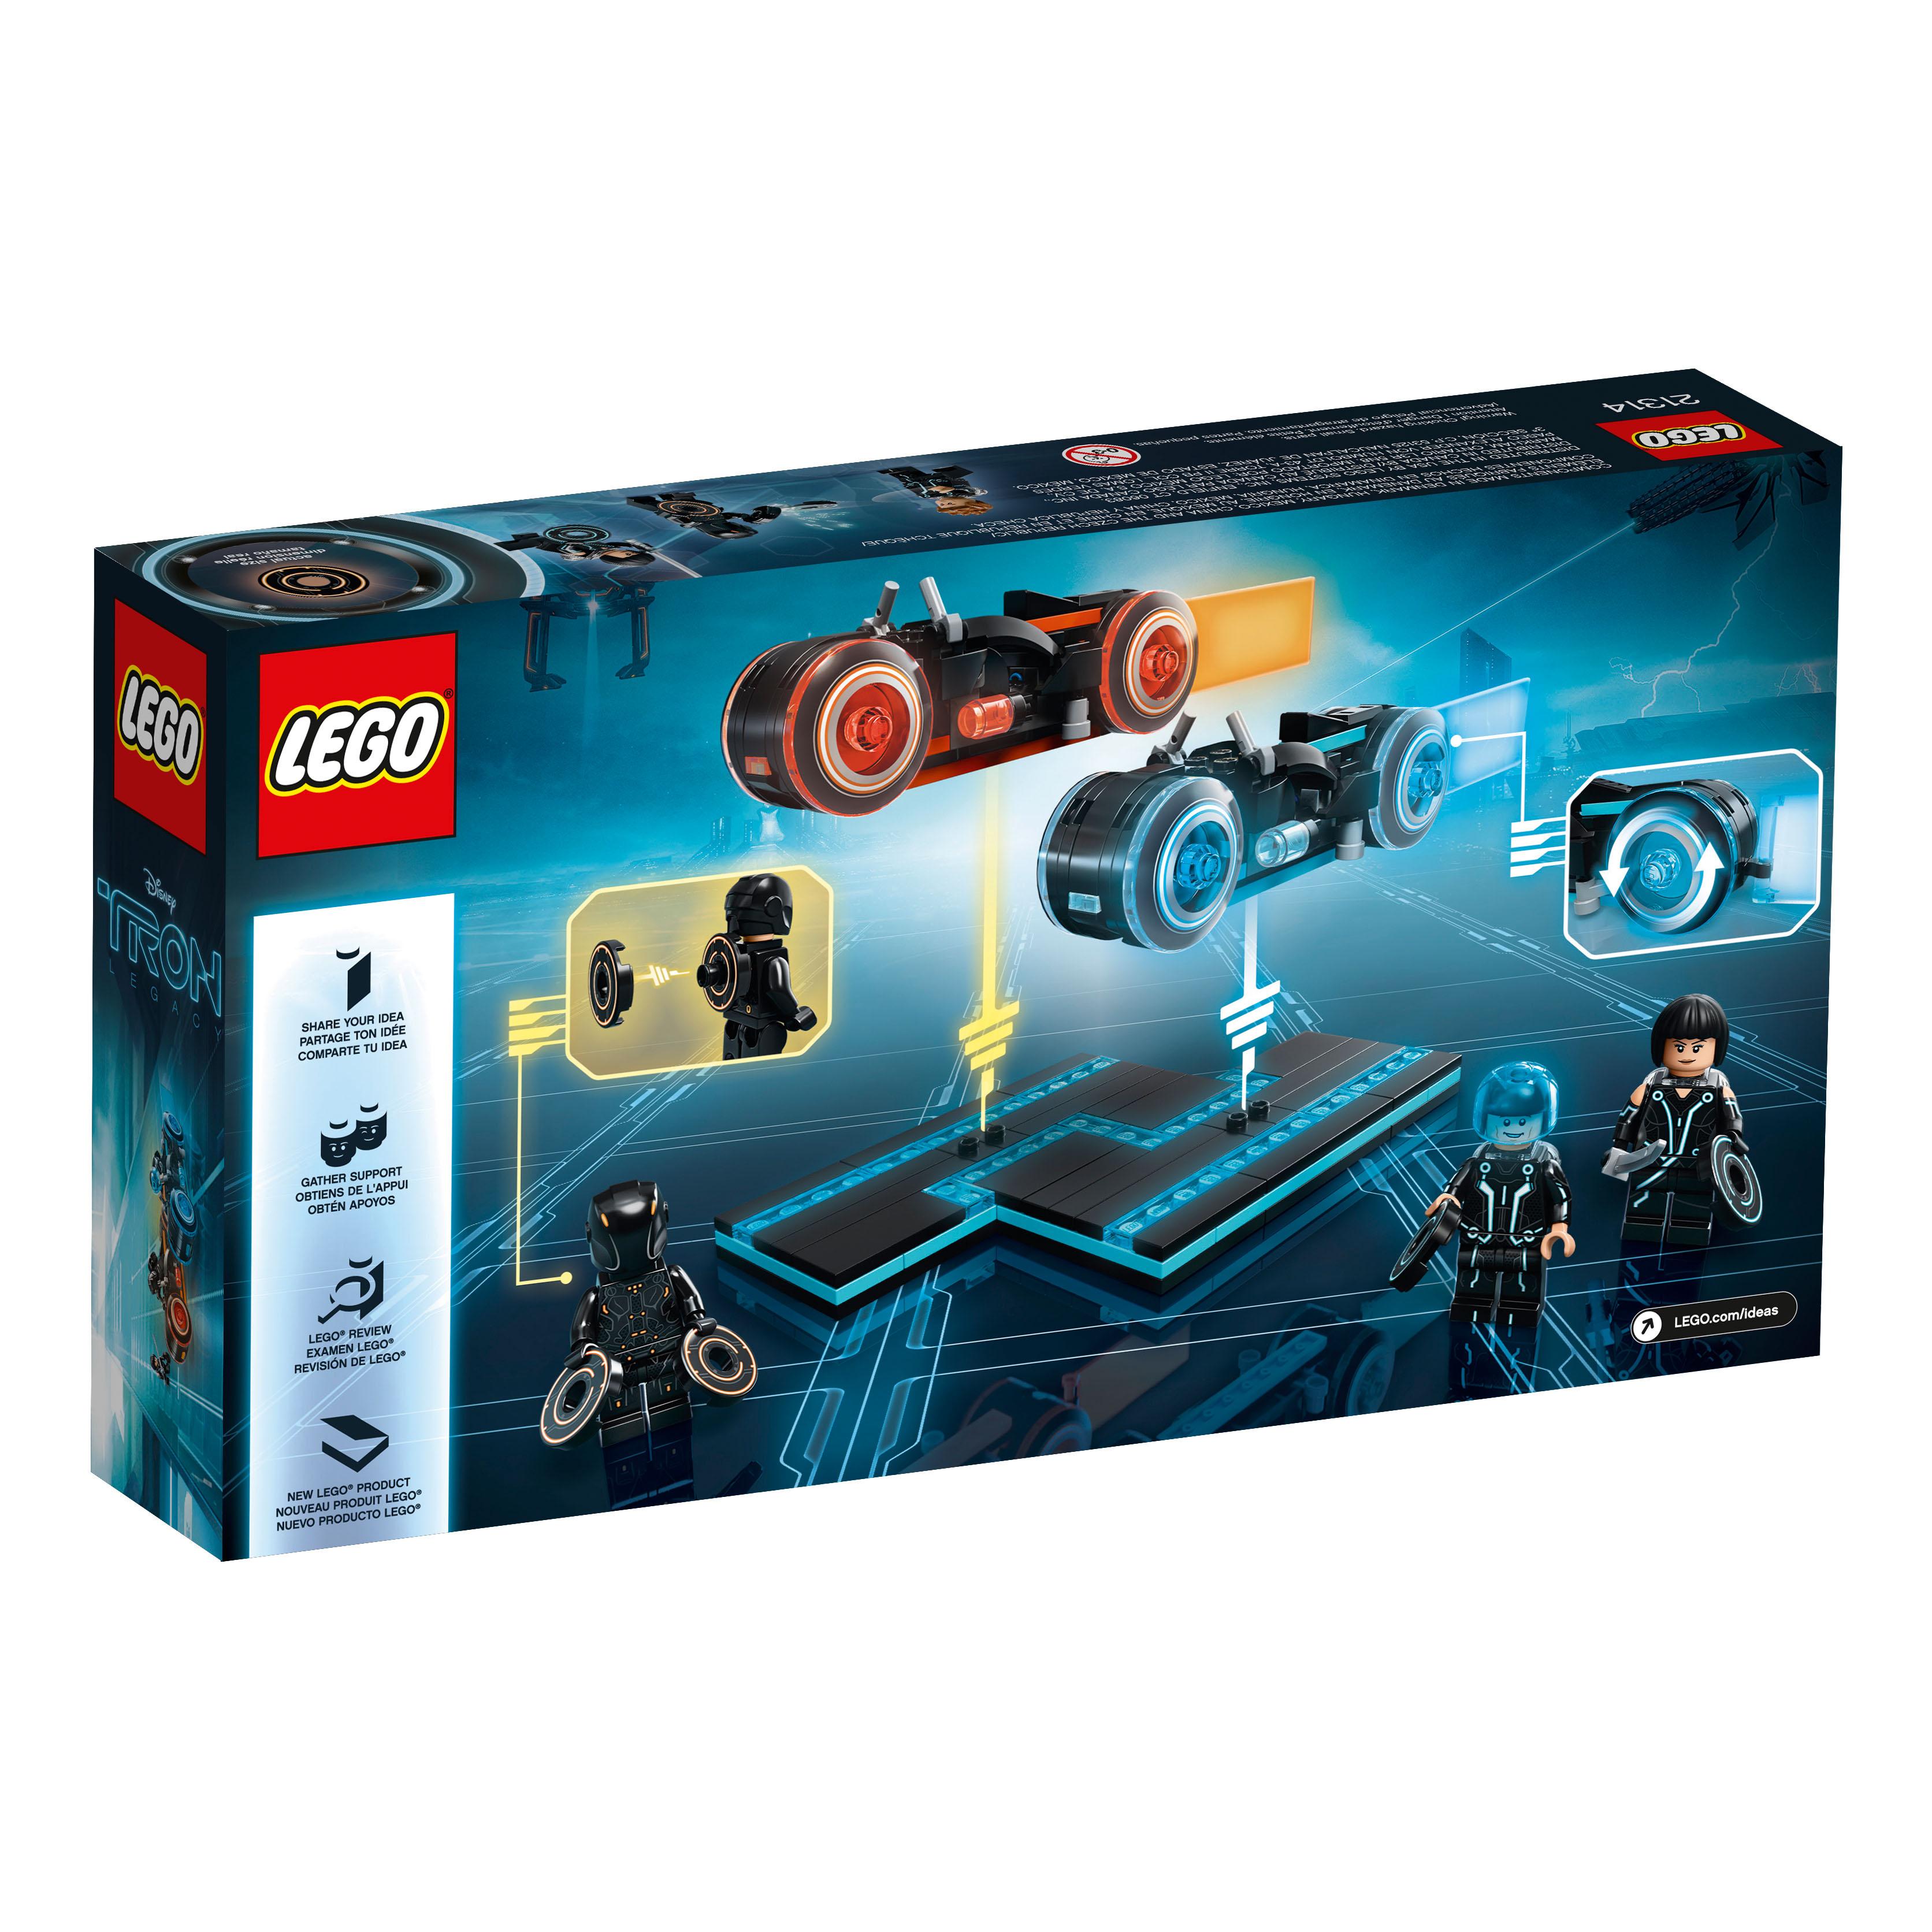 lego_ideas_tron_legacy_21314_-4.jpg